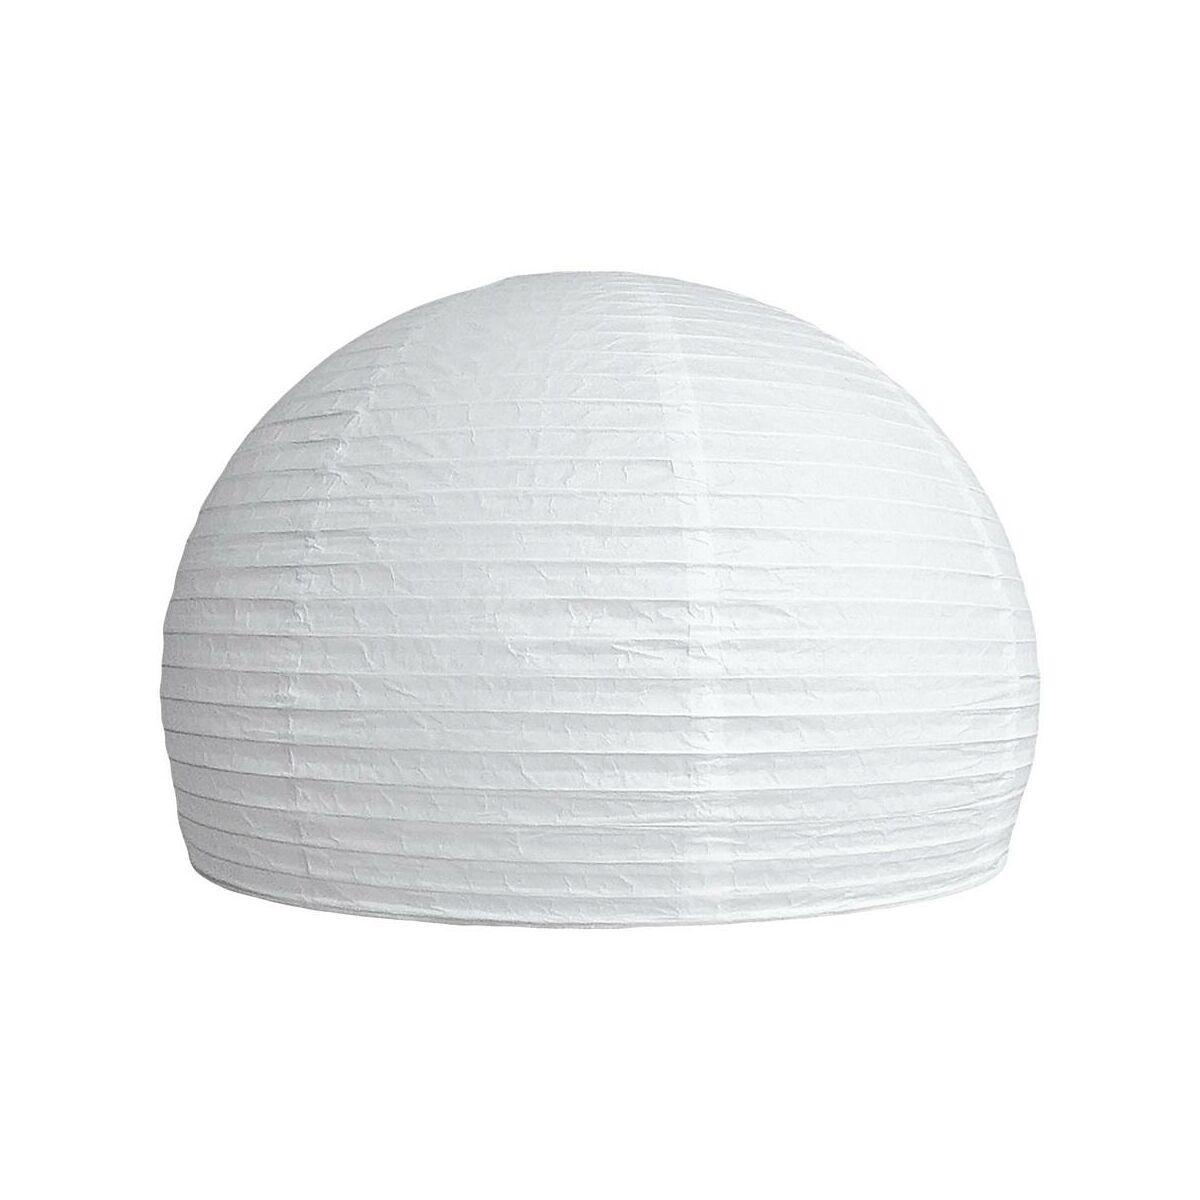 Abażur Riou 47 X 29 Cm Biały Inspire Abażury W Atrakcyjnej Cenie W Sklepach Leroy Merlin